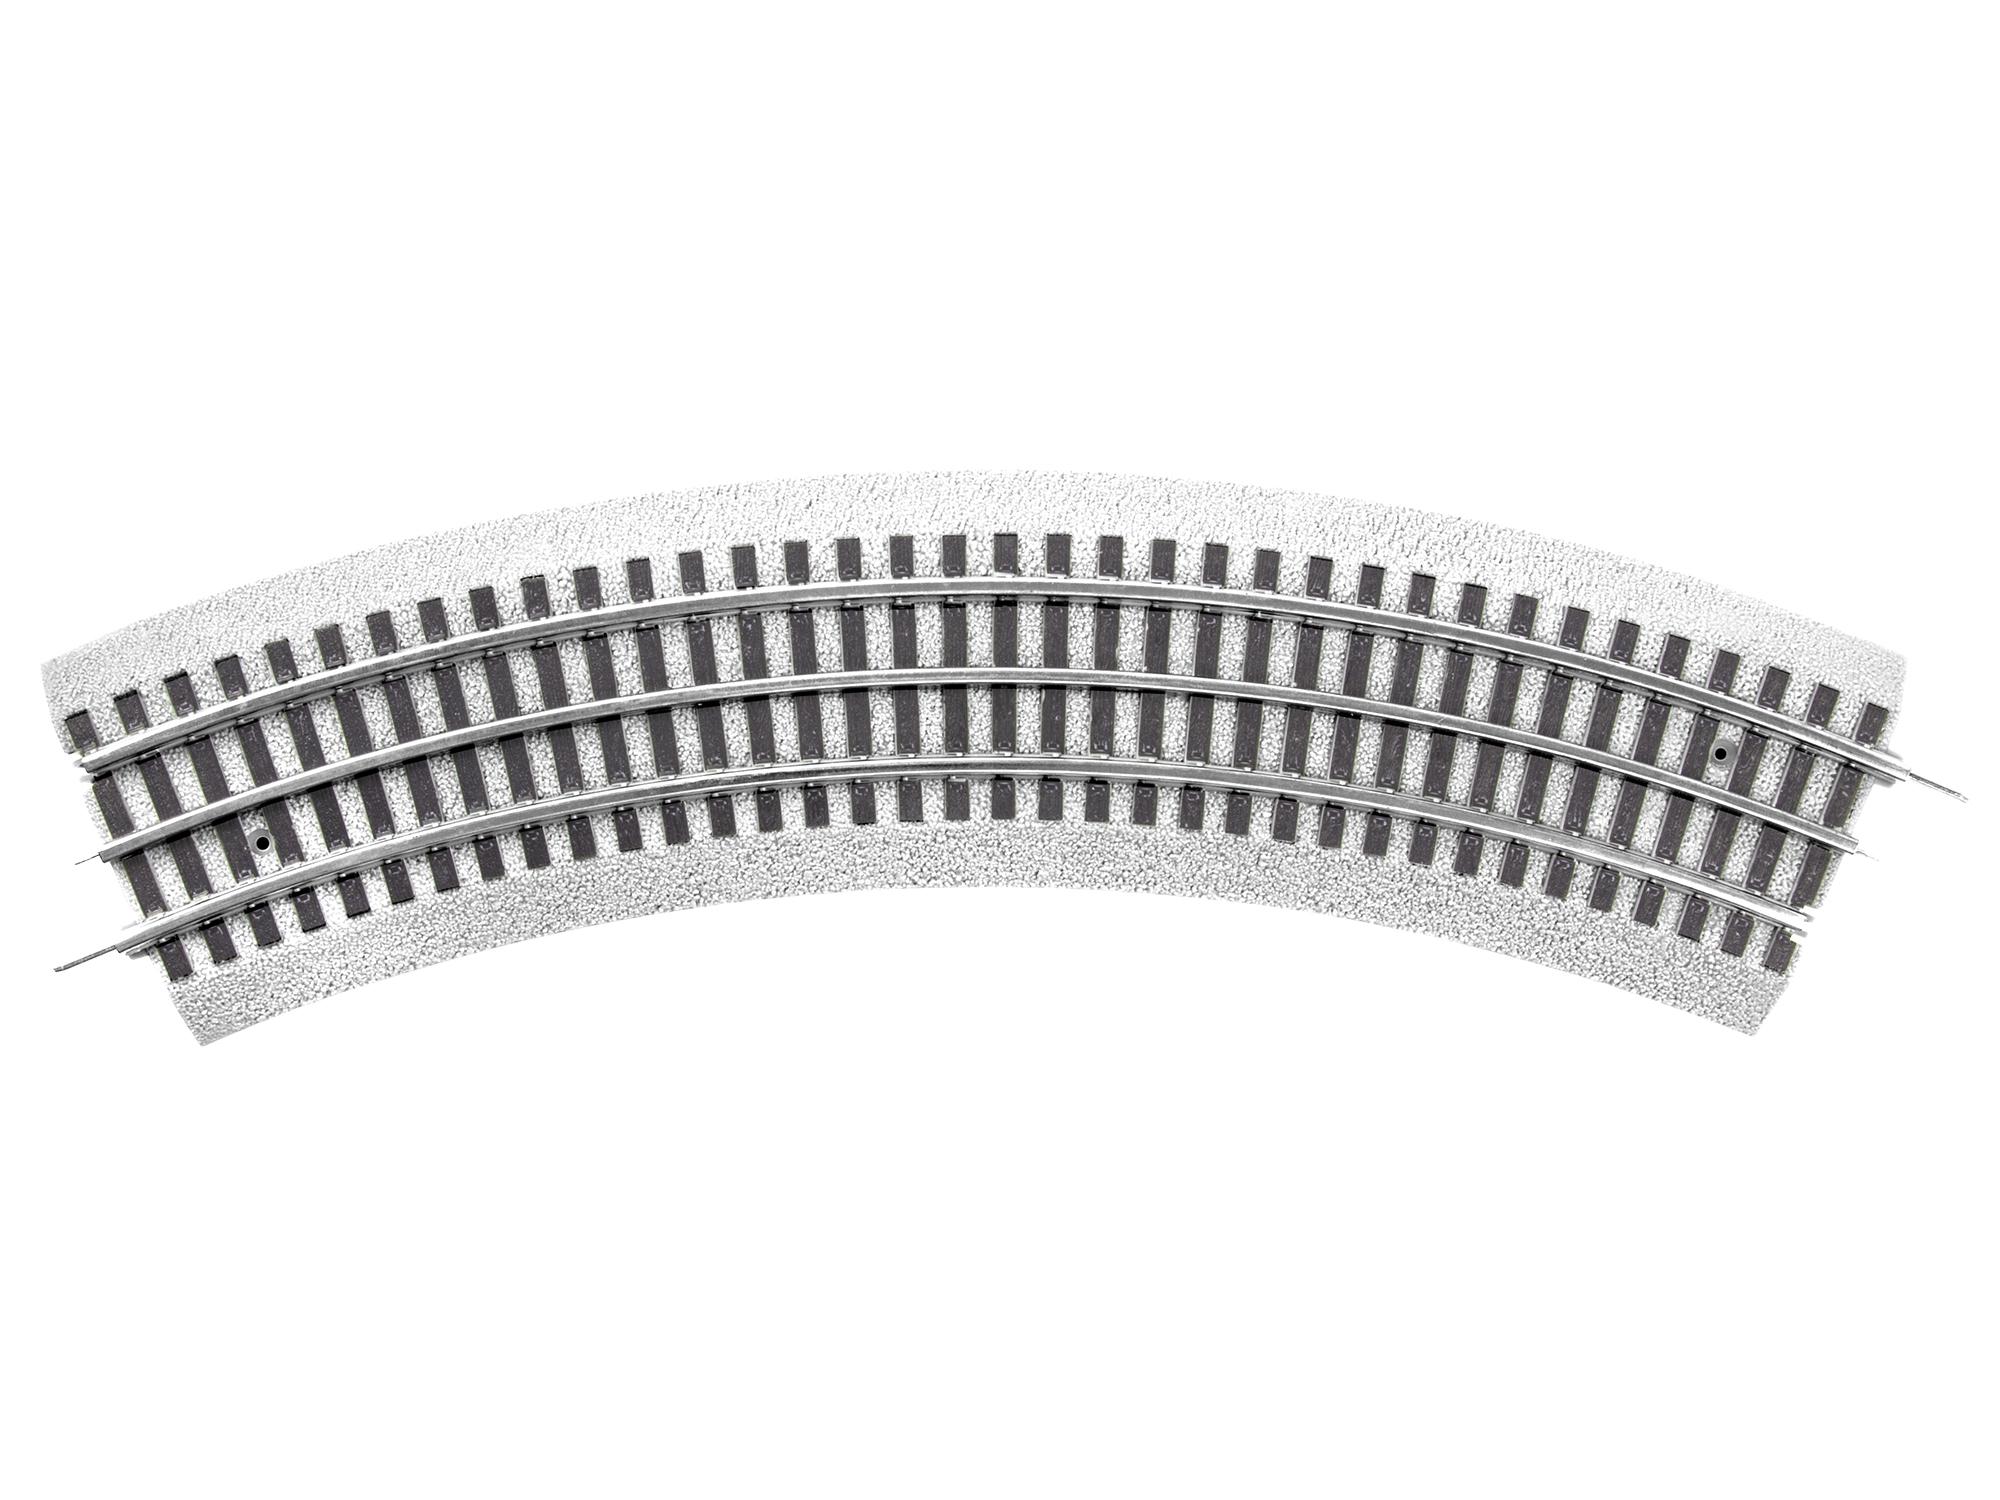 Lionel 685390 O O-36 Curve 4-Pack FasTrack Ballast